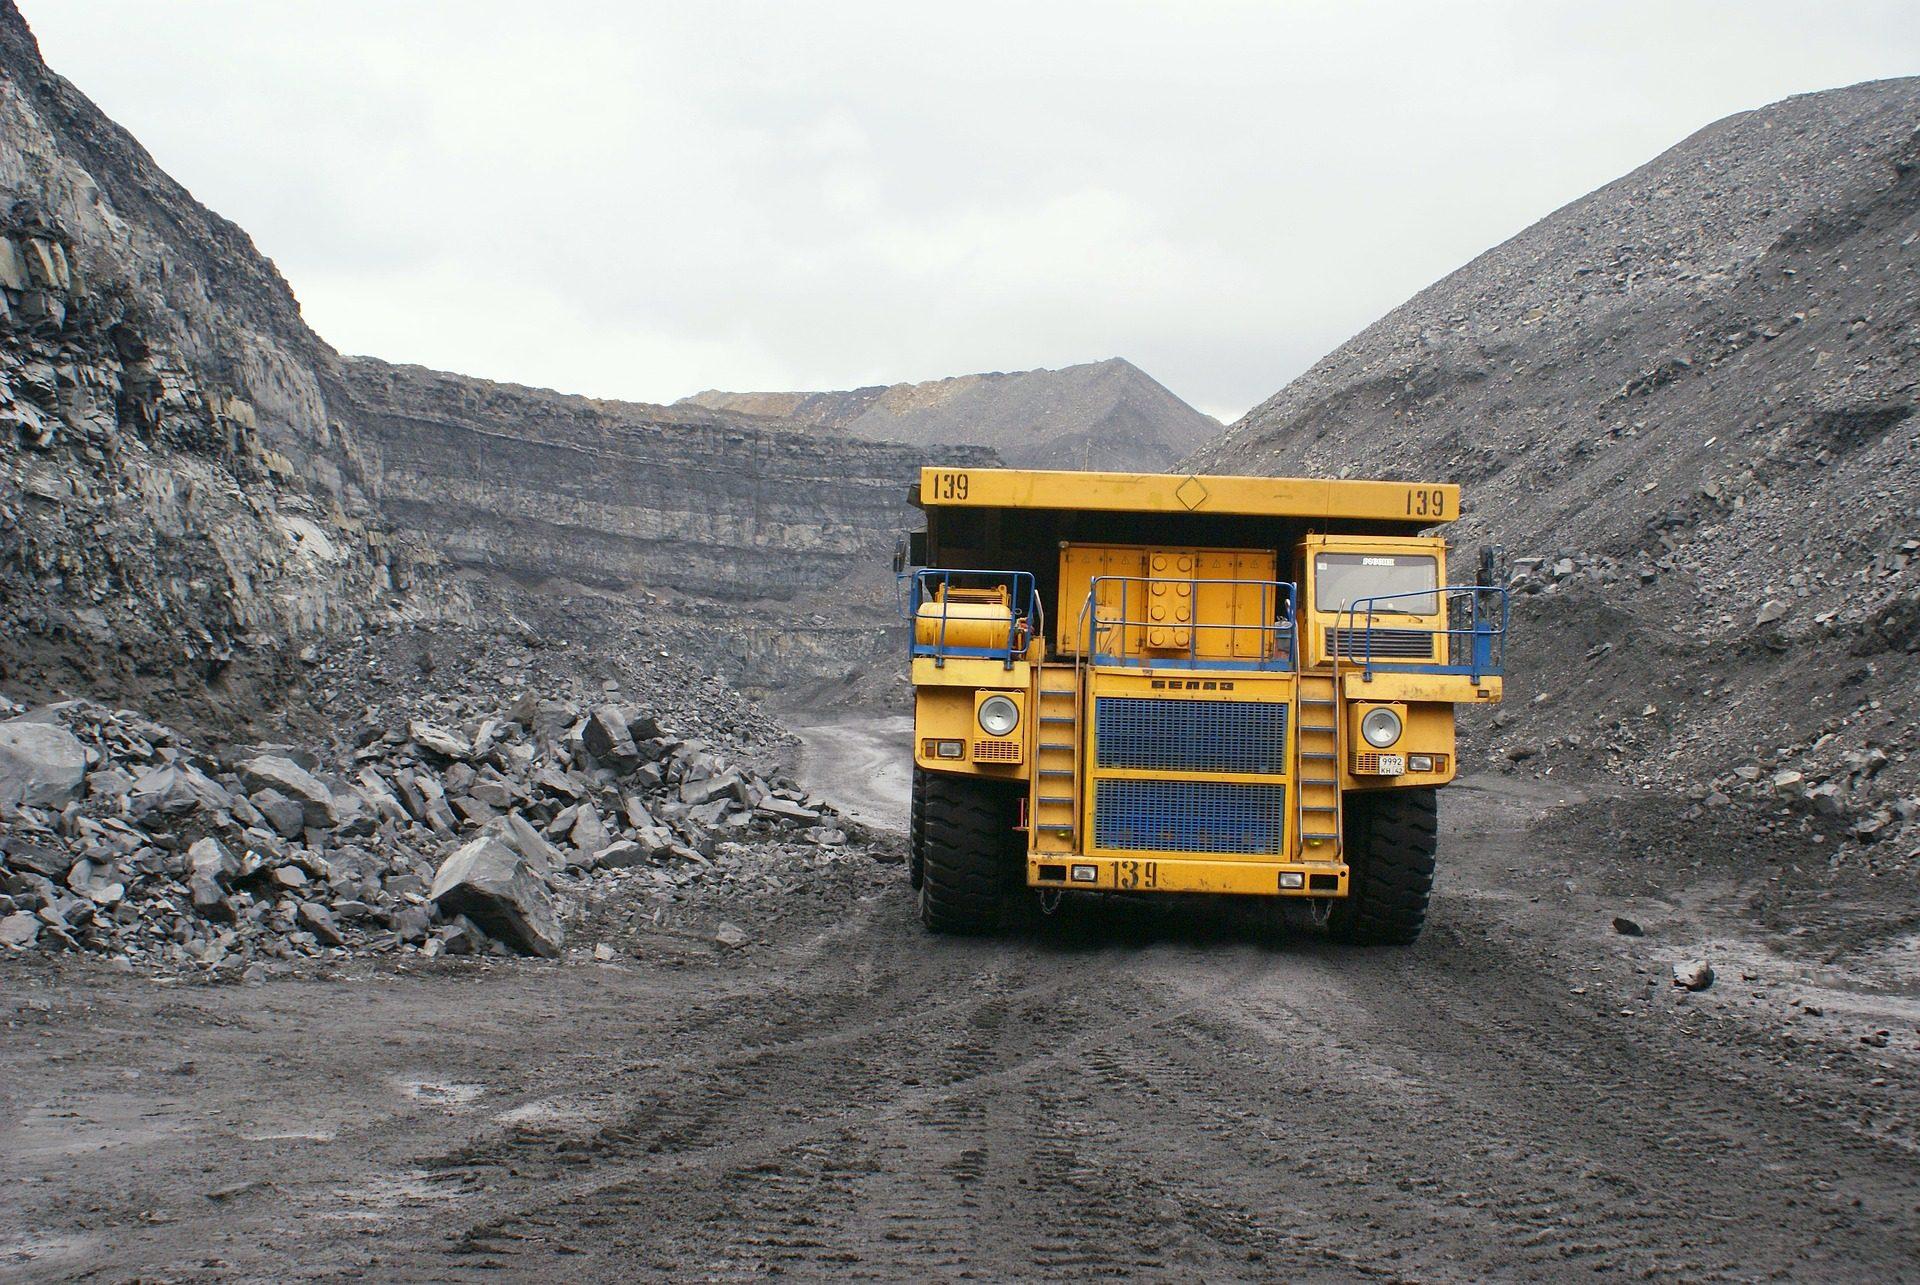 φορτηγό, βαριά, Ανατρεπώμενα, δική μου, ανασκαφή, πέτρες, ανόργανα άλατα - Wallpapers HD - Professor-falken.com